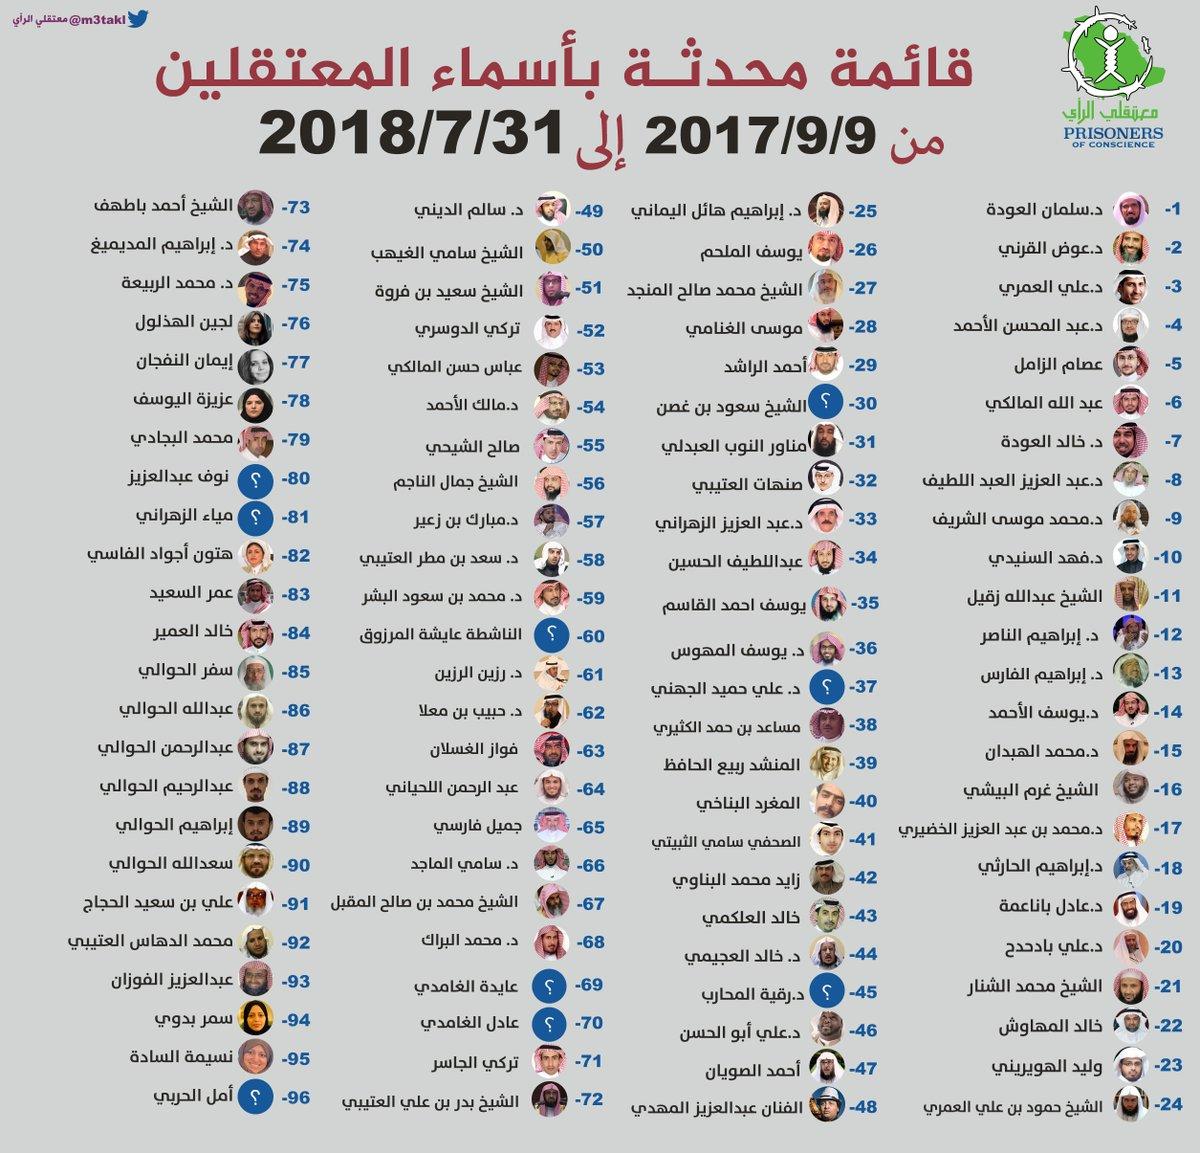 حساب معتقلي الرأي بالسعودية: أكاديمي وداعية يخضعان لمحاكمة سرية